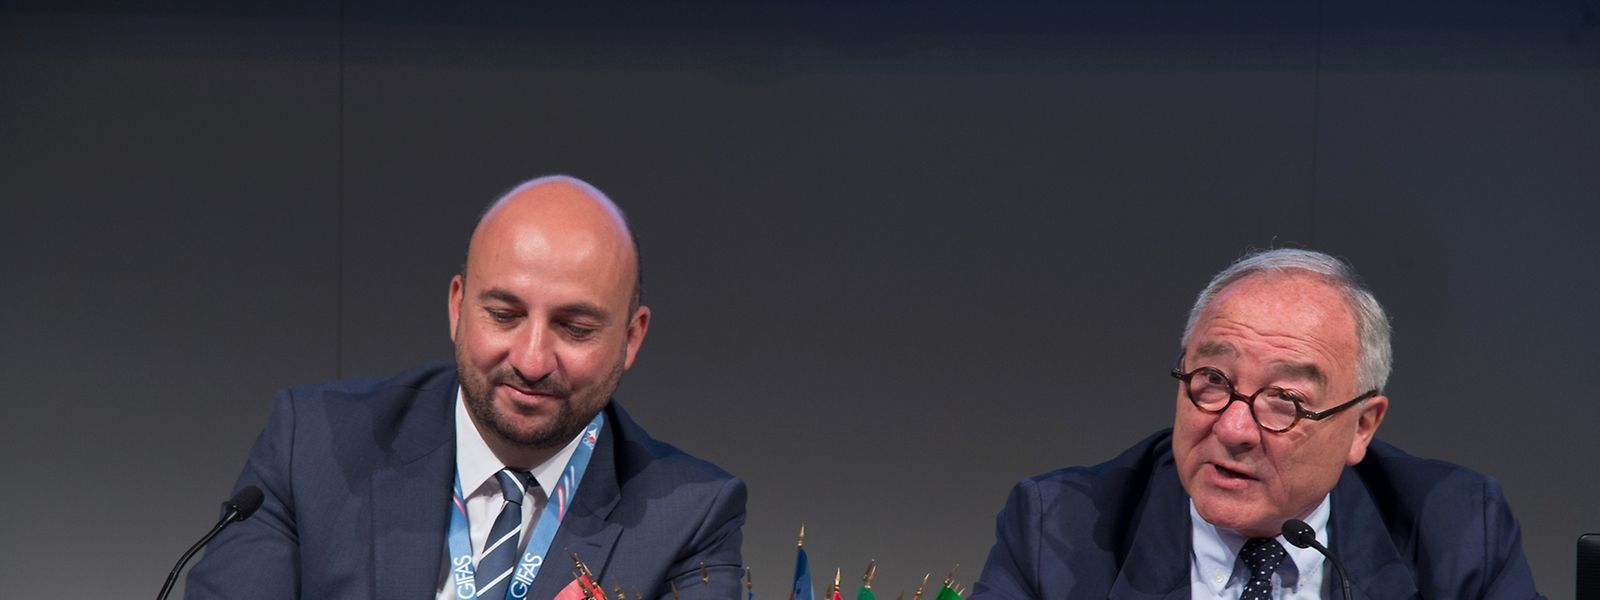 Etienne Schneider a lancé l'initiative sur les matériaux de l'espace. Jean-Jacques Dordain sera le leader du board de conseillers